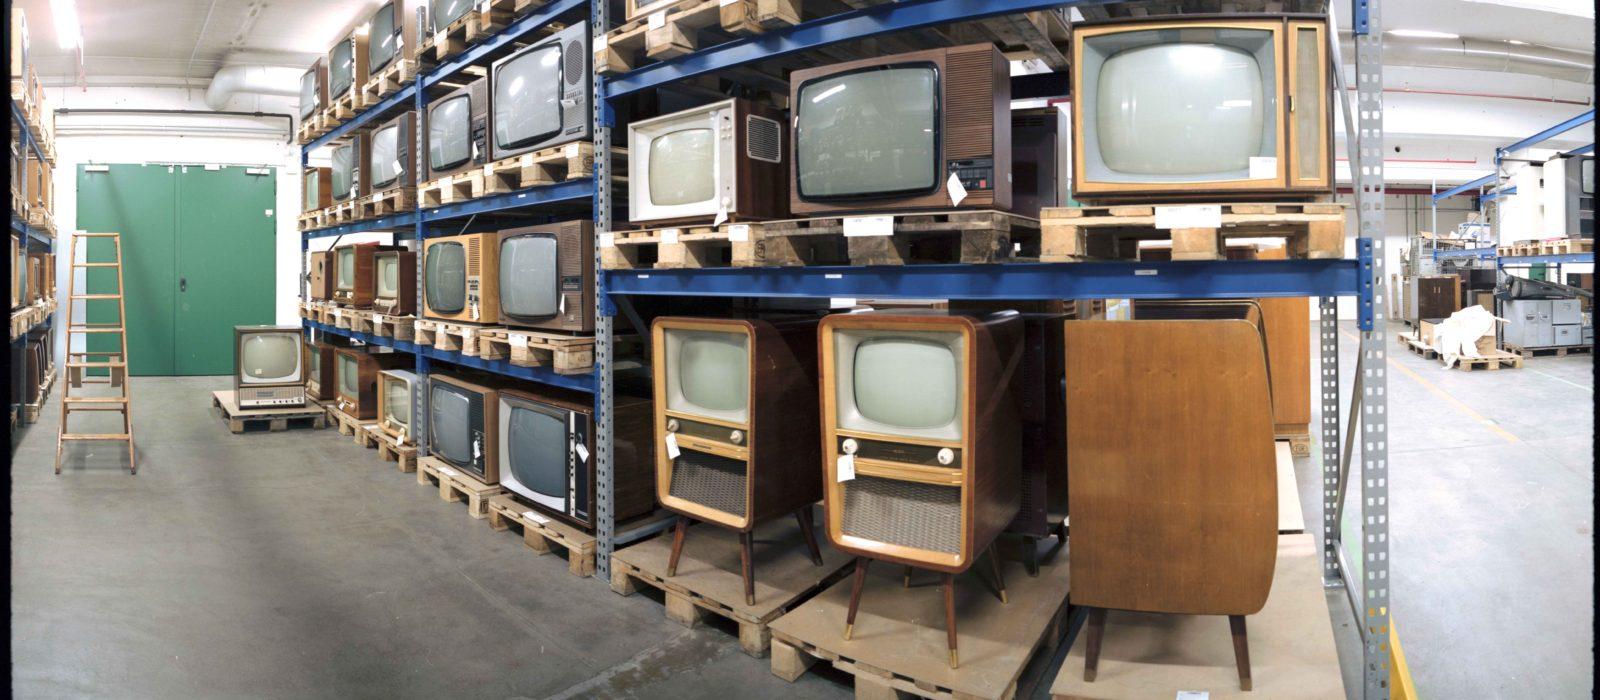 Blick ins Depot, alte Fernseher